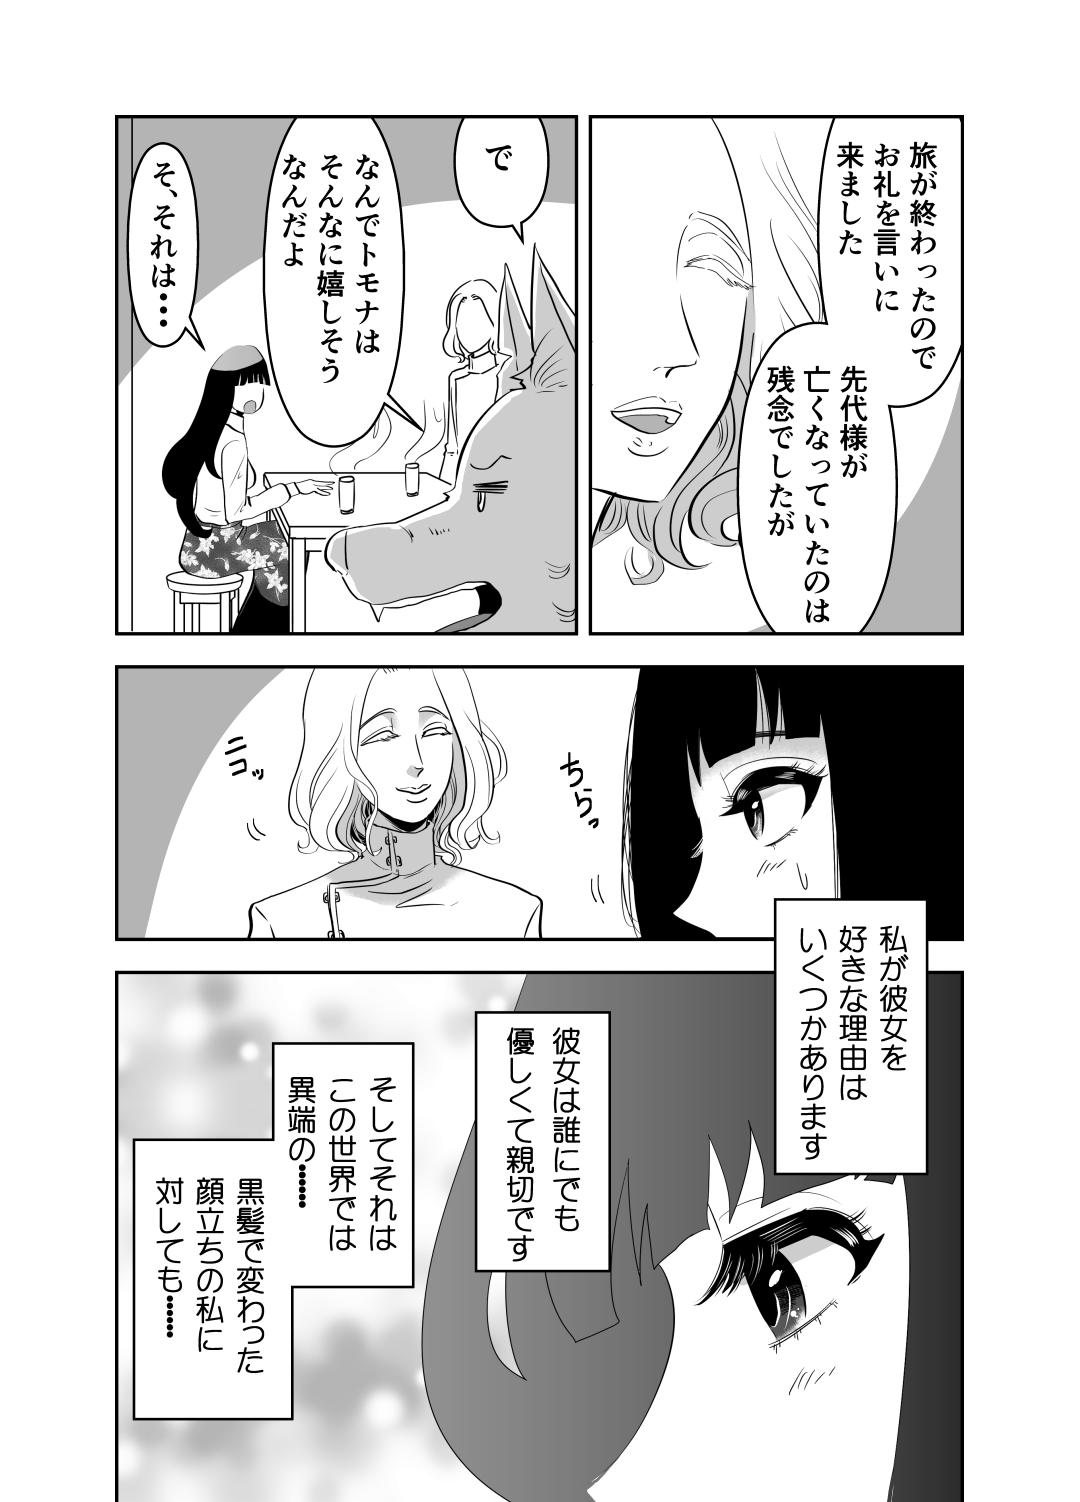 ヤサグレ魔女2話0016